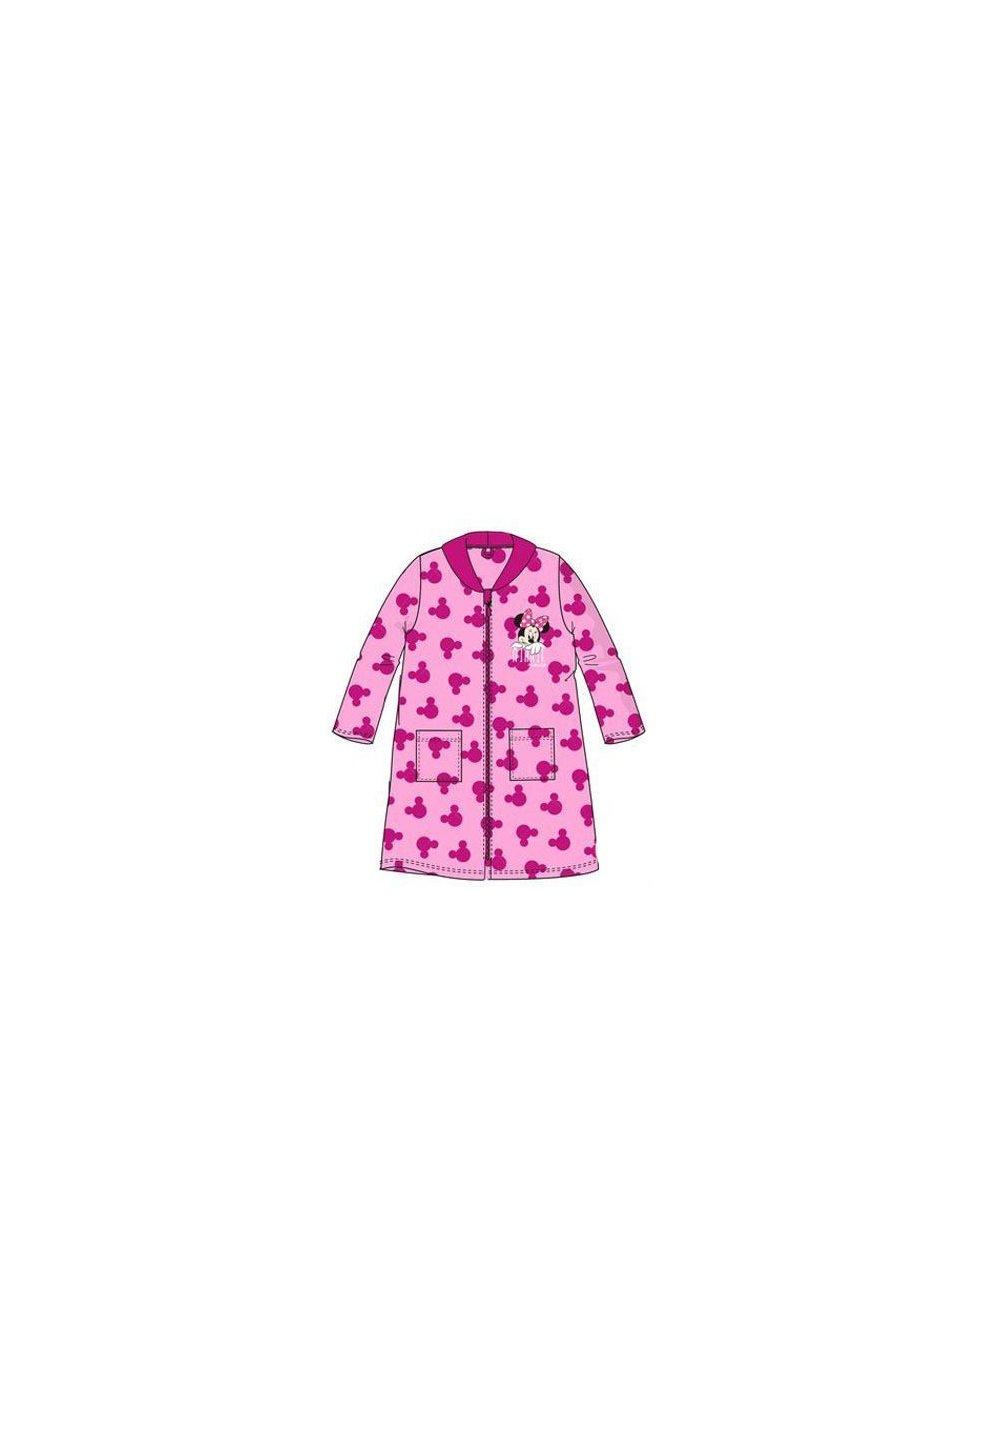 Halat de baie, cu fermoar, Minnie Mouse, roz imagine